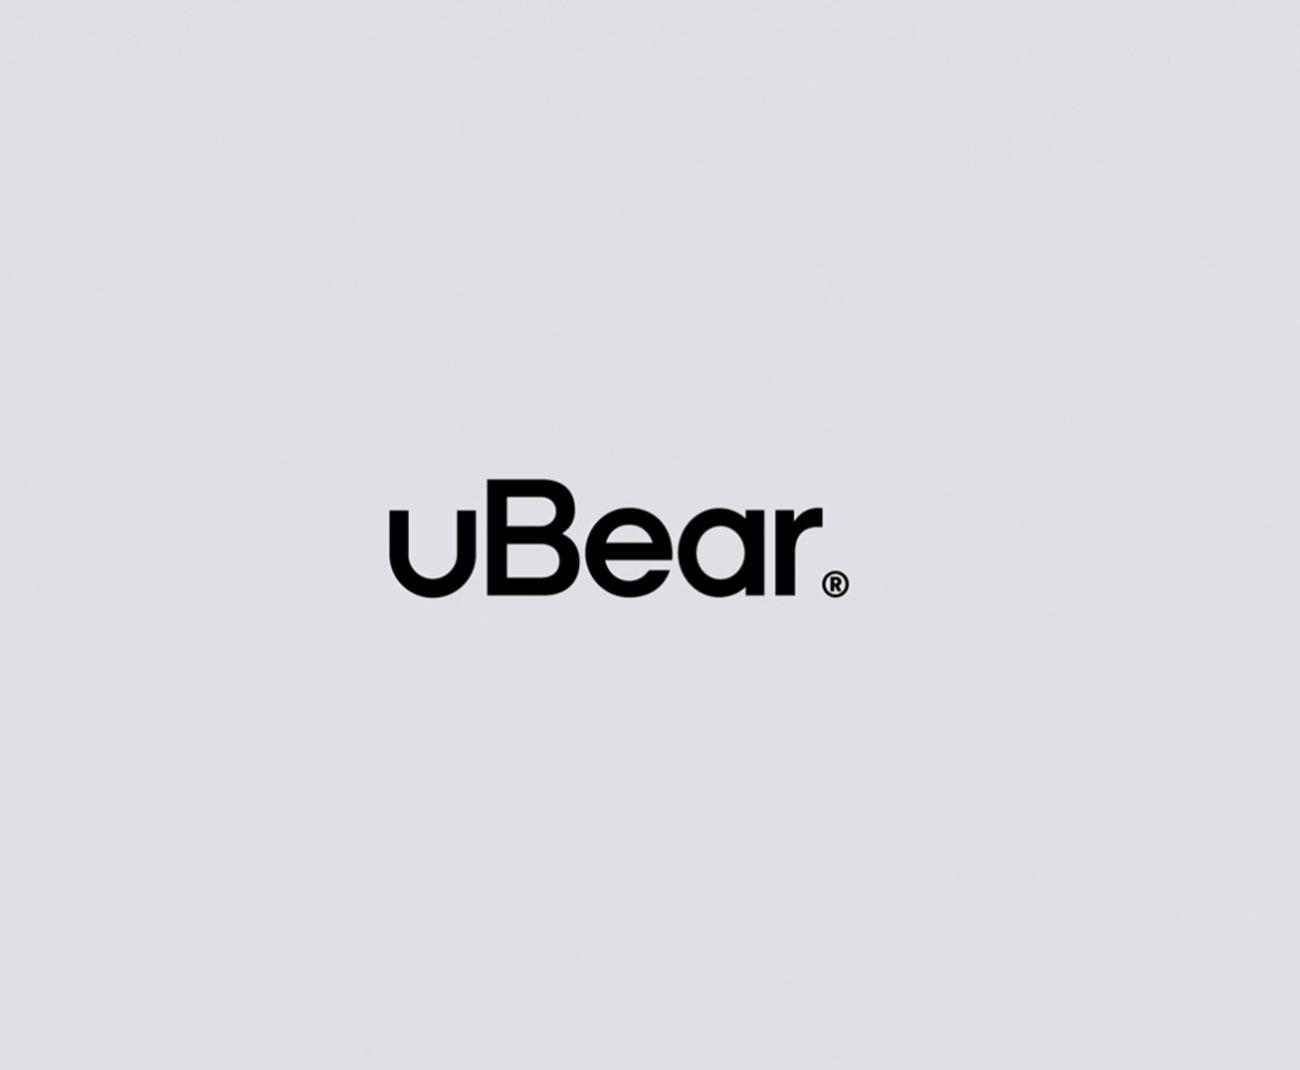 uBear_1